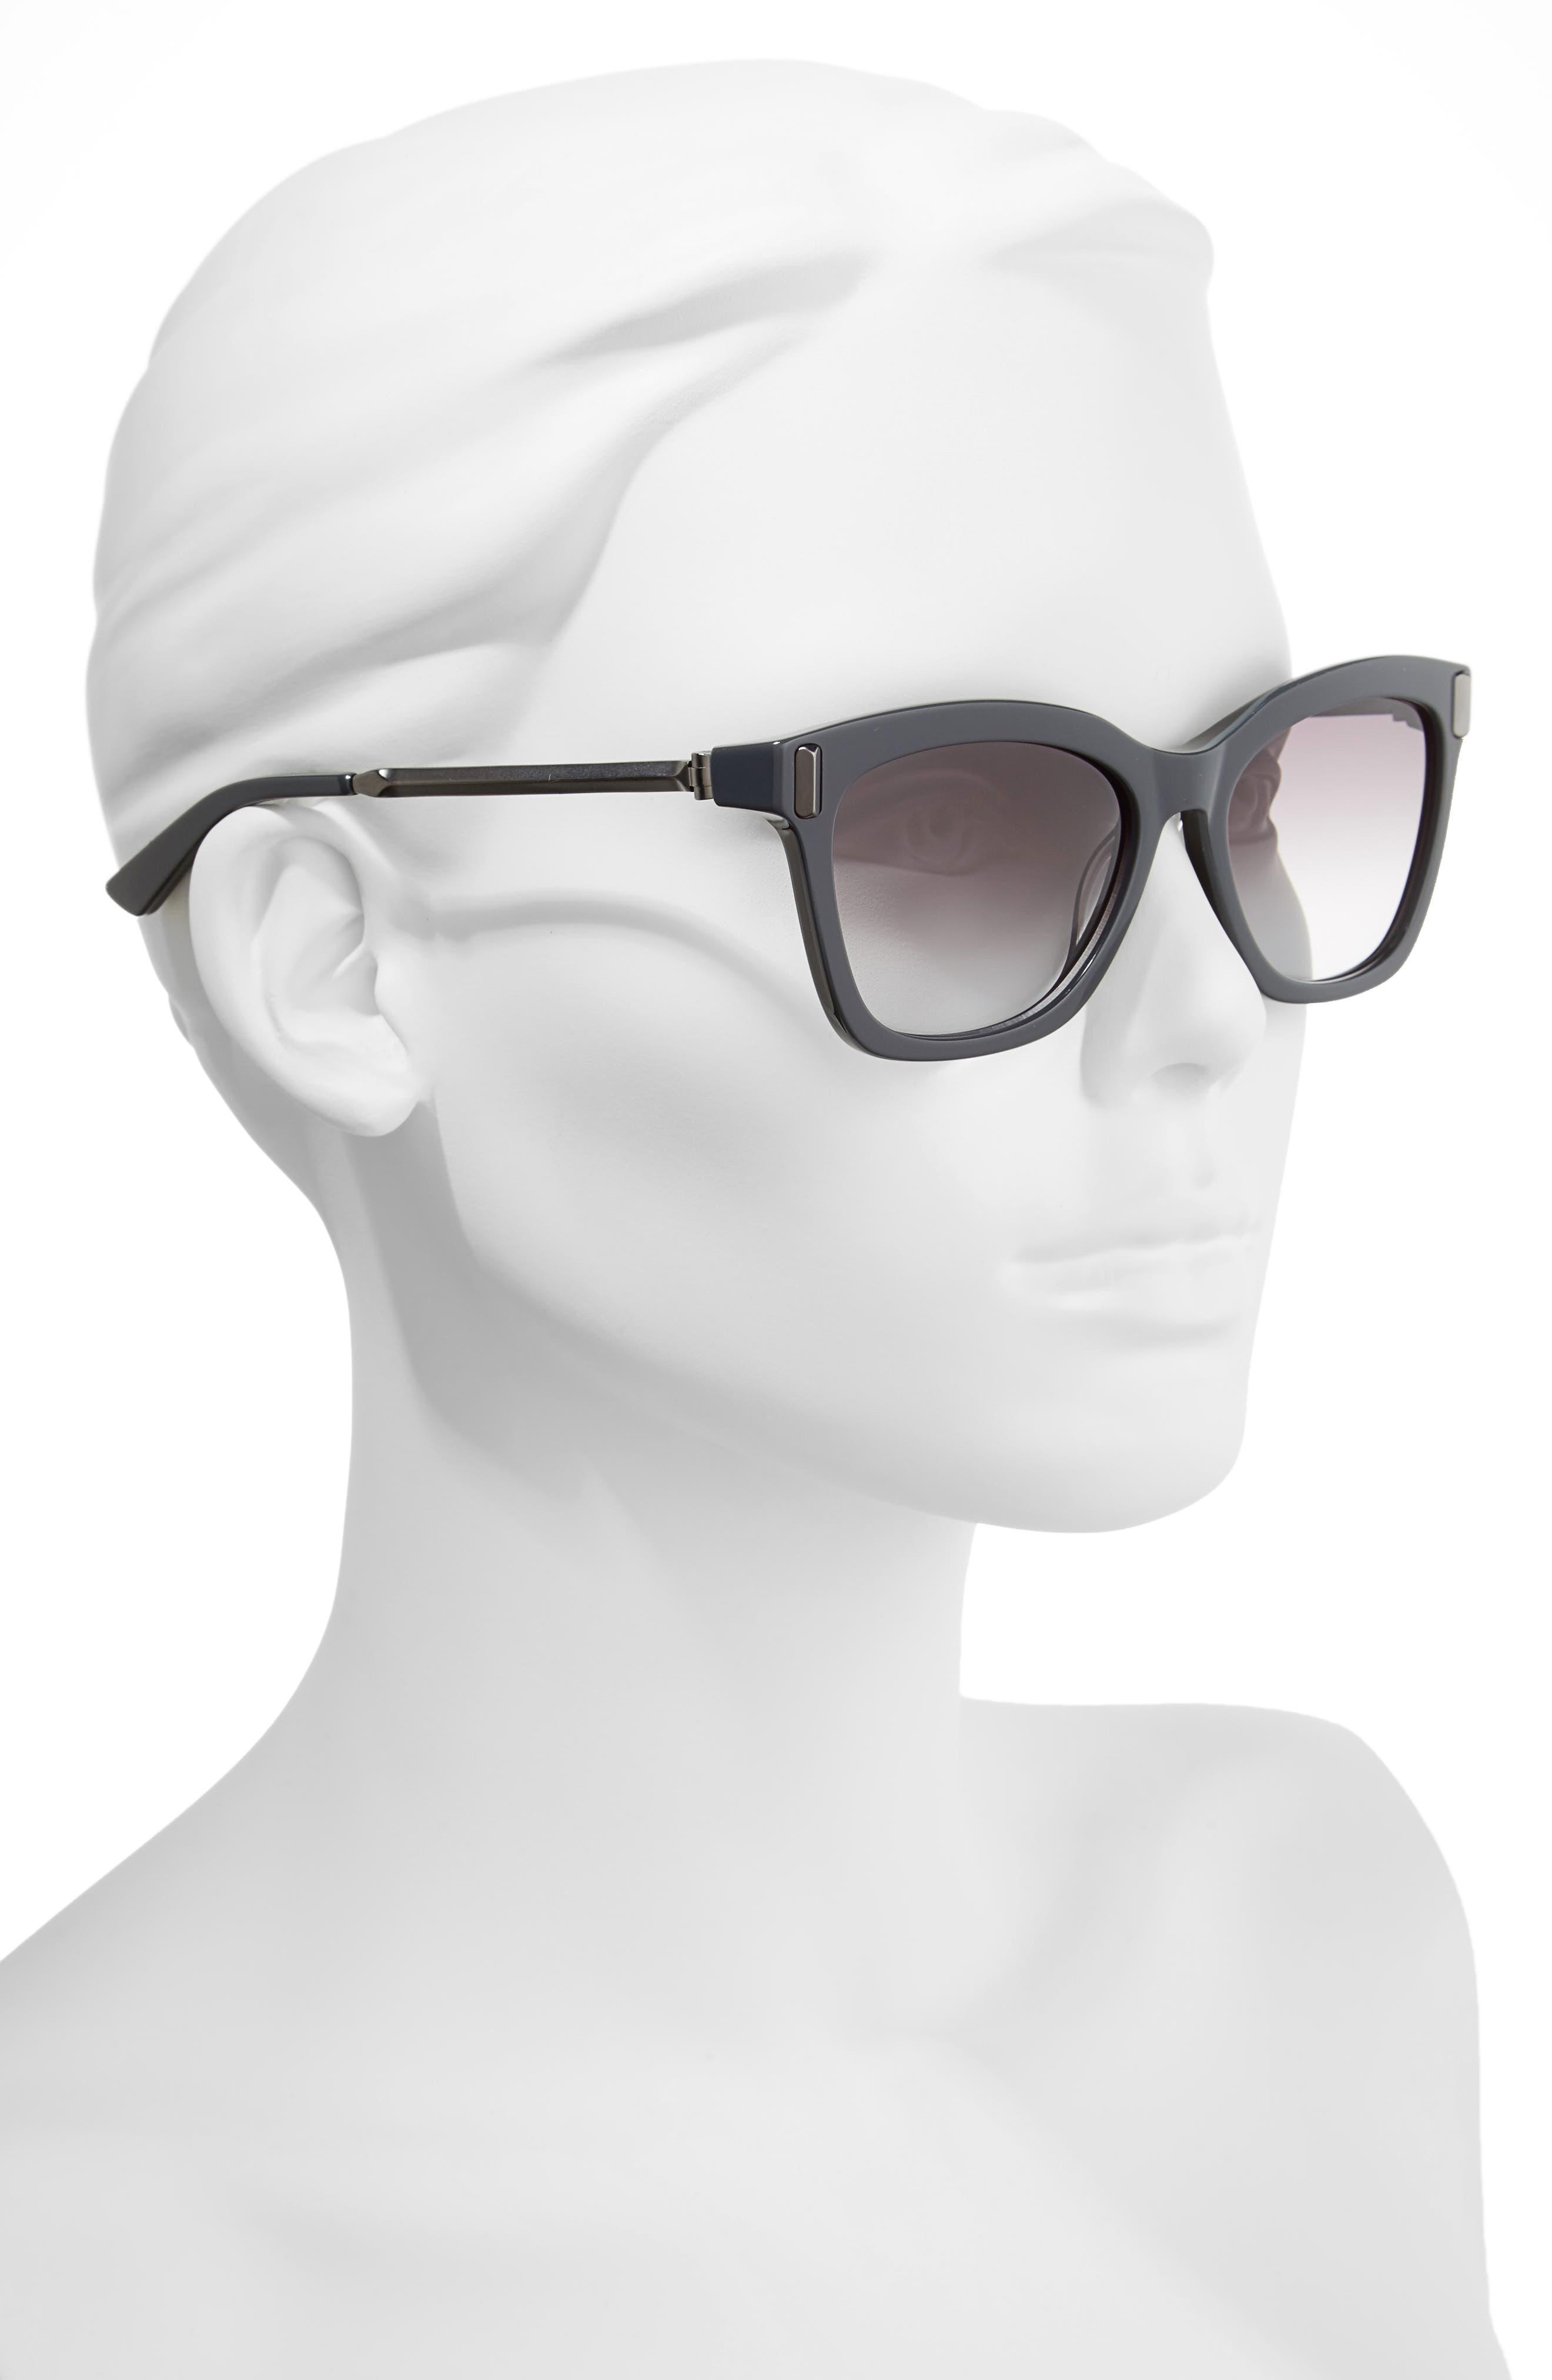 55mm Square Sunglasses,                             Alternate thumbnail 2, color,                             Jet/ Black